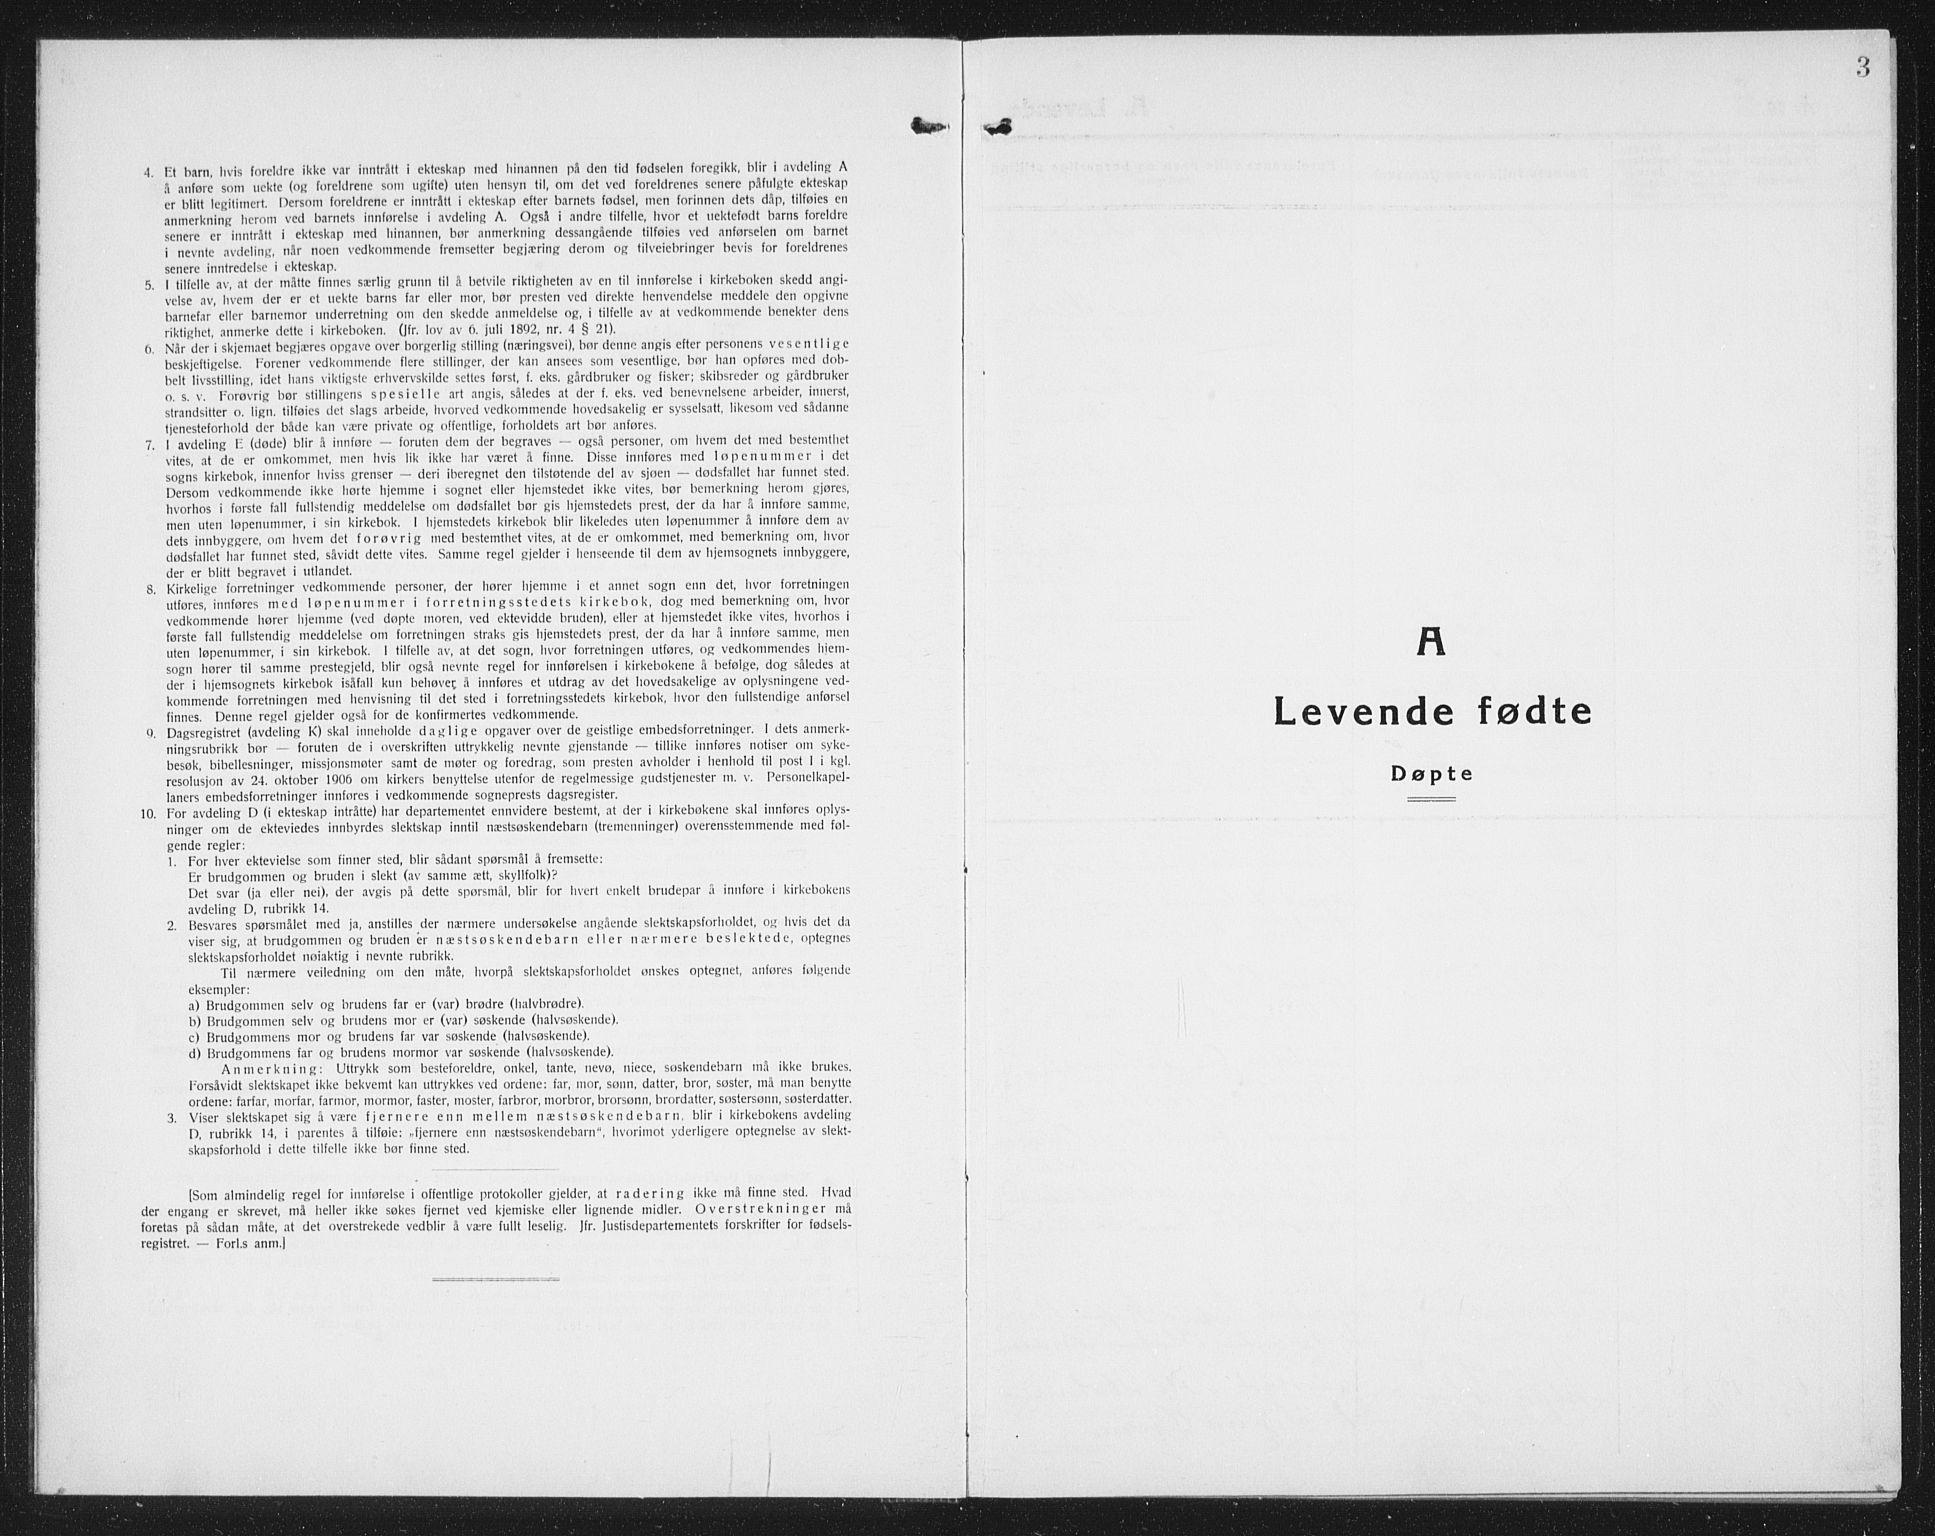 SAT, Ministerialprotokoller, klokkerbøker og fødselsregistre - Nord-Trøndelag, 740/L0383: Klokkerbok nr. 740C04, 1927-1939, s. 3